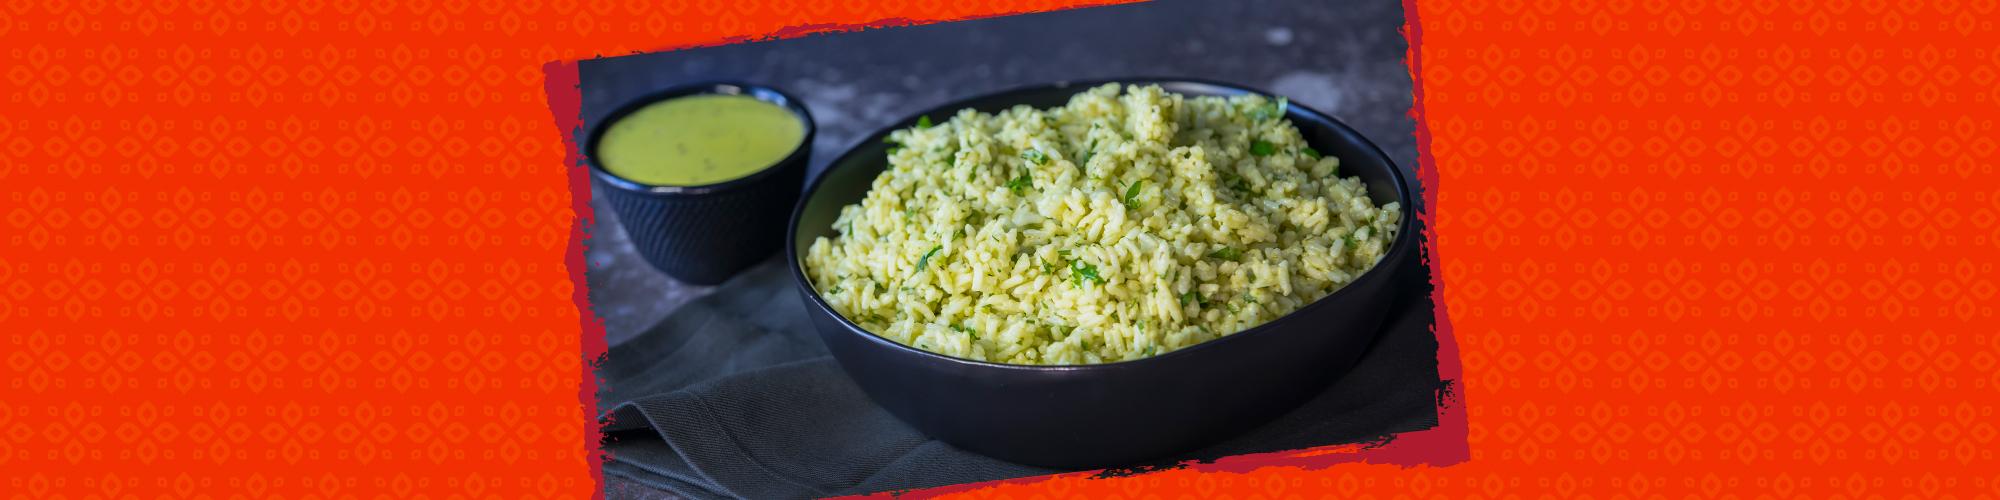 Salsas spanish rice